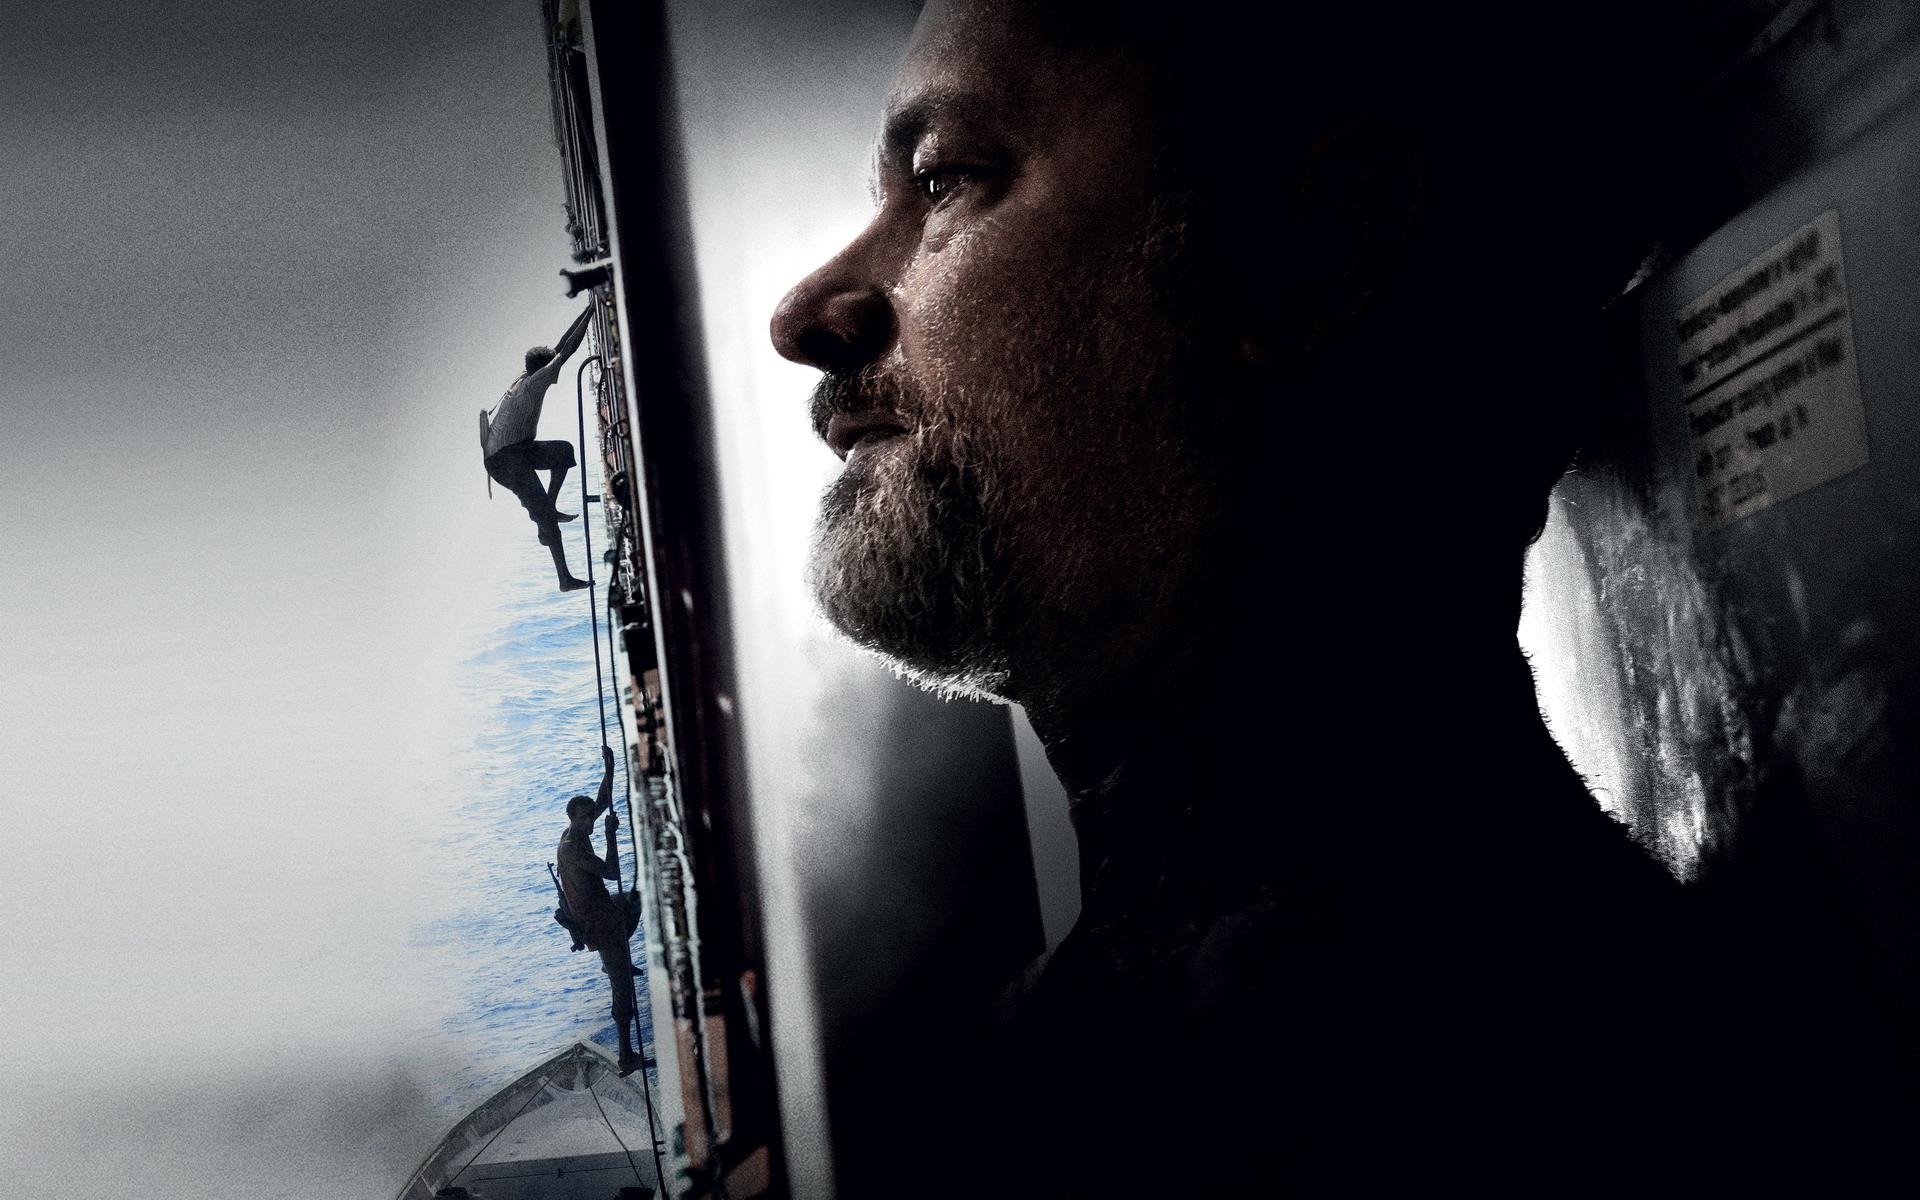 """Трейлер к фильму """"Капитан Филлипс"""" (2013) - смотреть онлайн"""